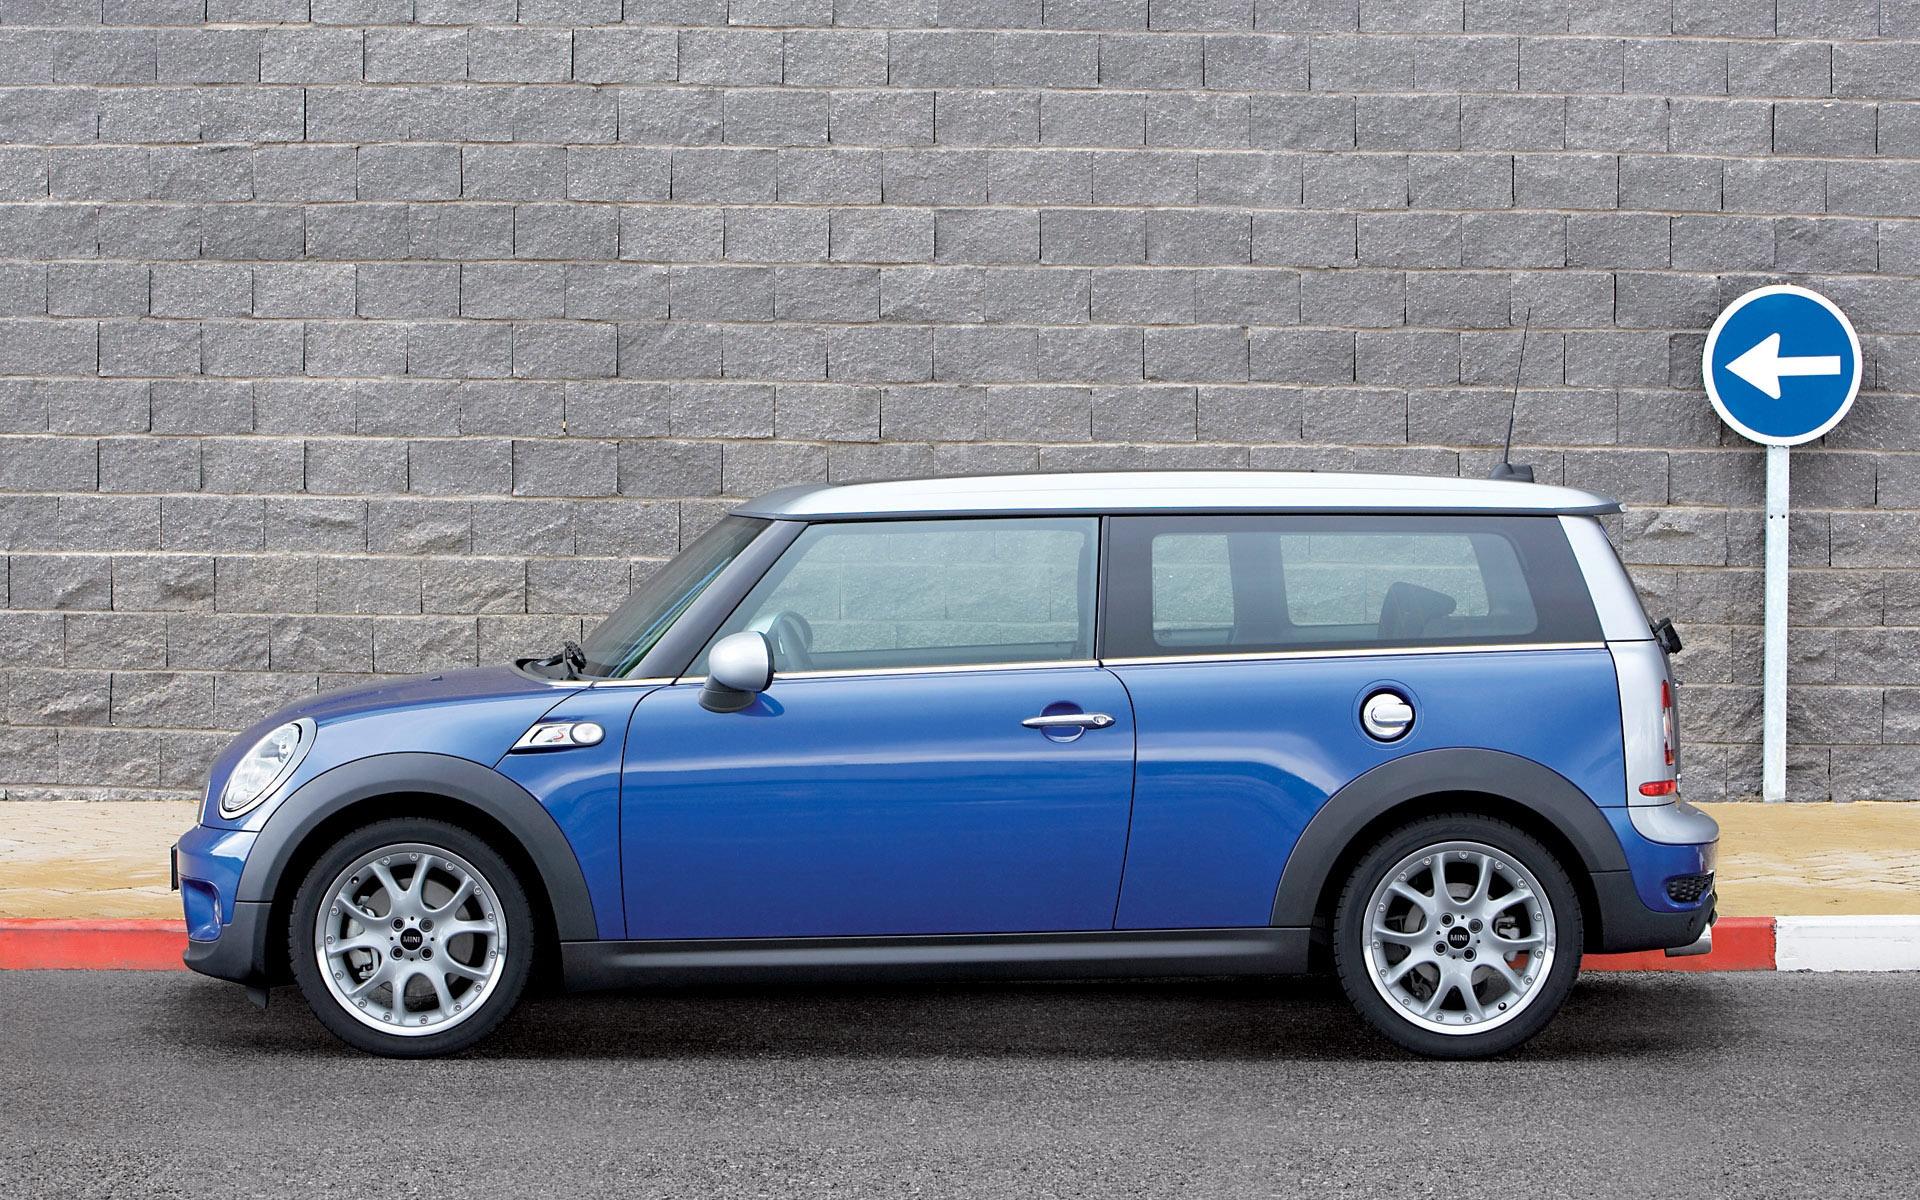 汽车天下,MINI,Concept,汽车,宽屏,概念车,2012Y十一月11D,儿童桌面专用